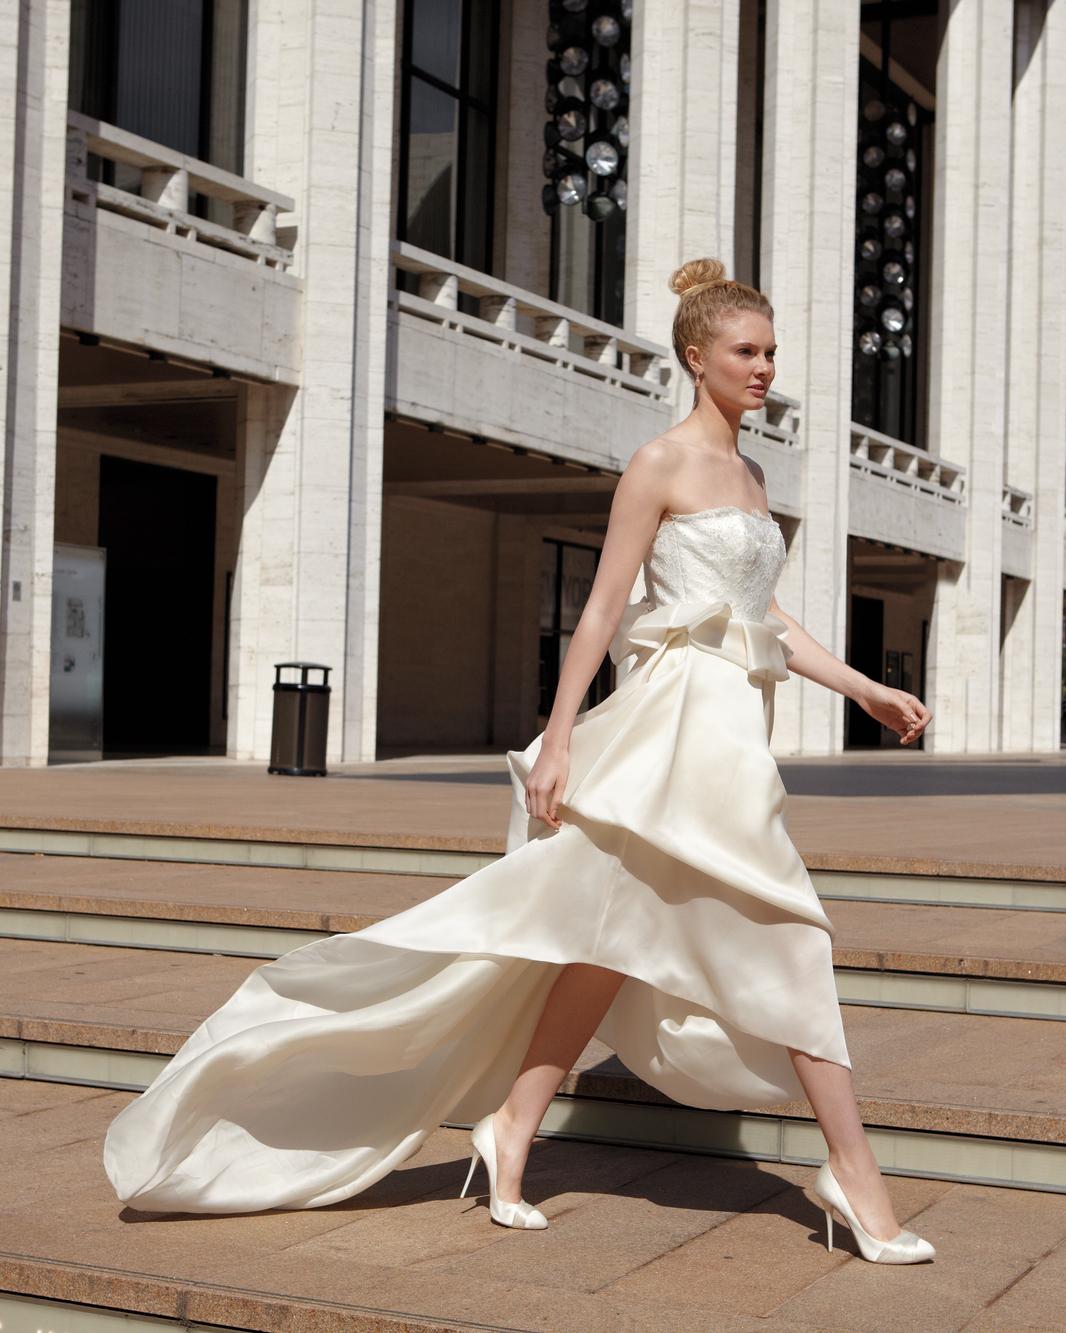 fashion-ccov-0621-md108970.jpg